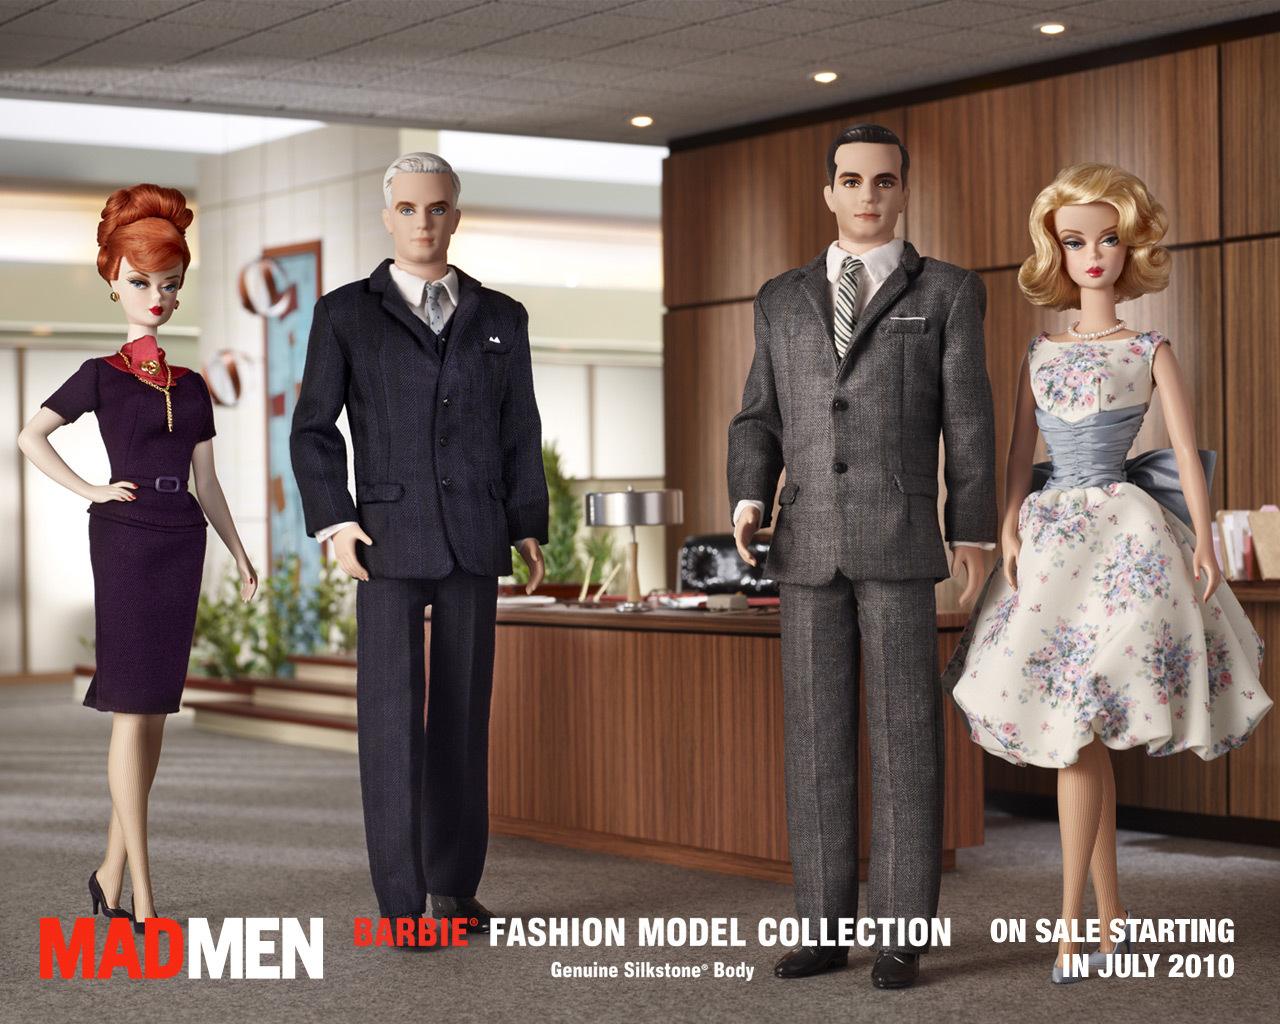 Mad Men season 4 Hintergrund